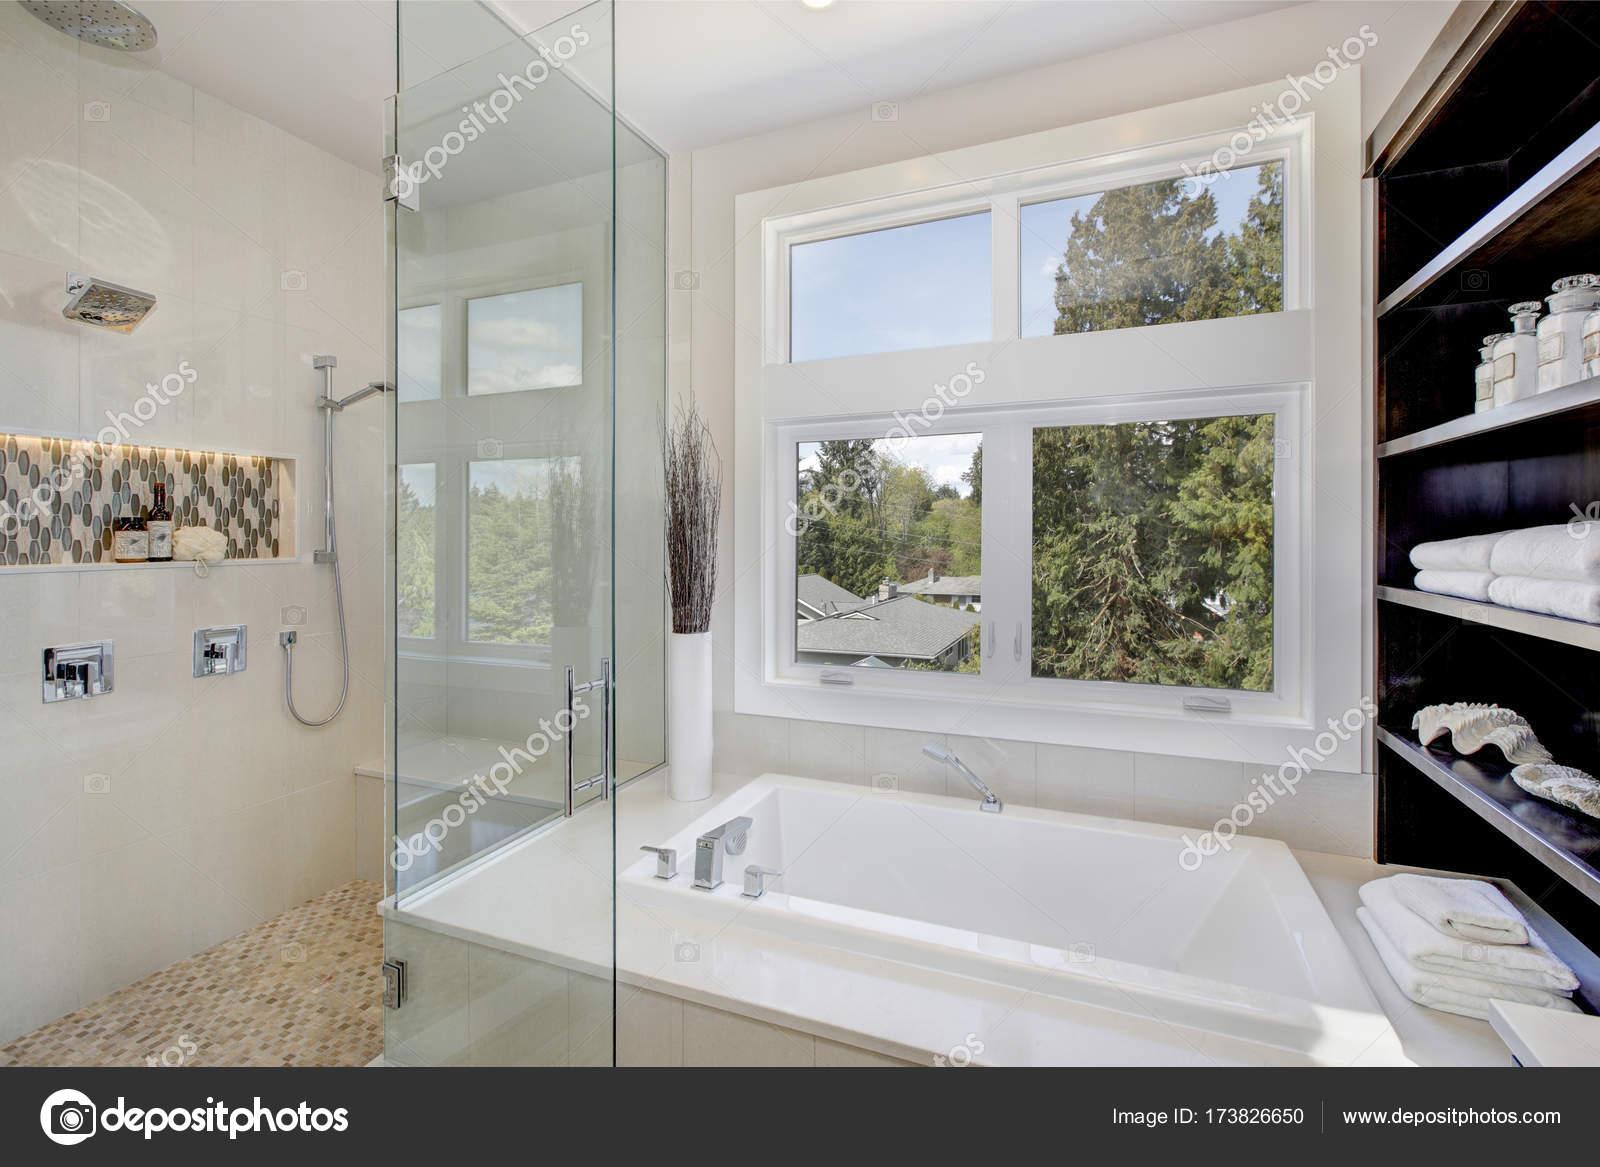 Baños lujosos con tina | Interior de cuarto de baño de lujo con ...